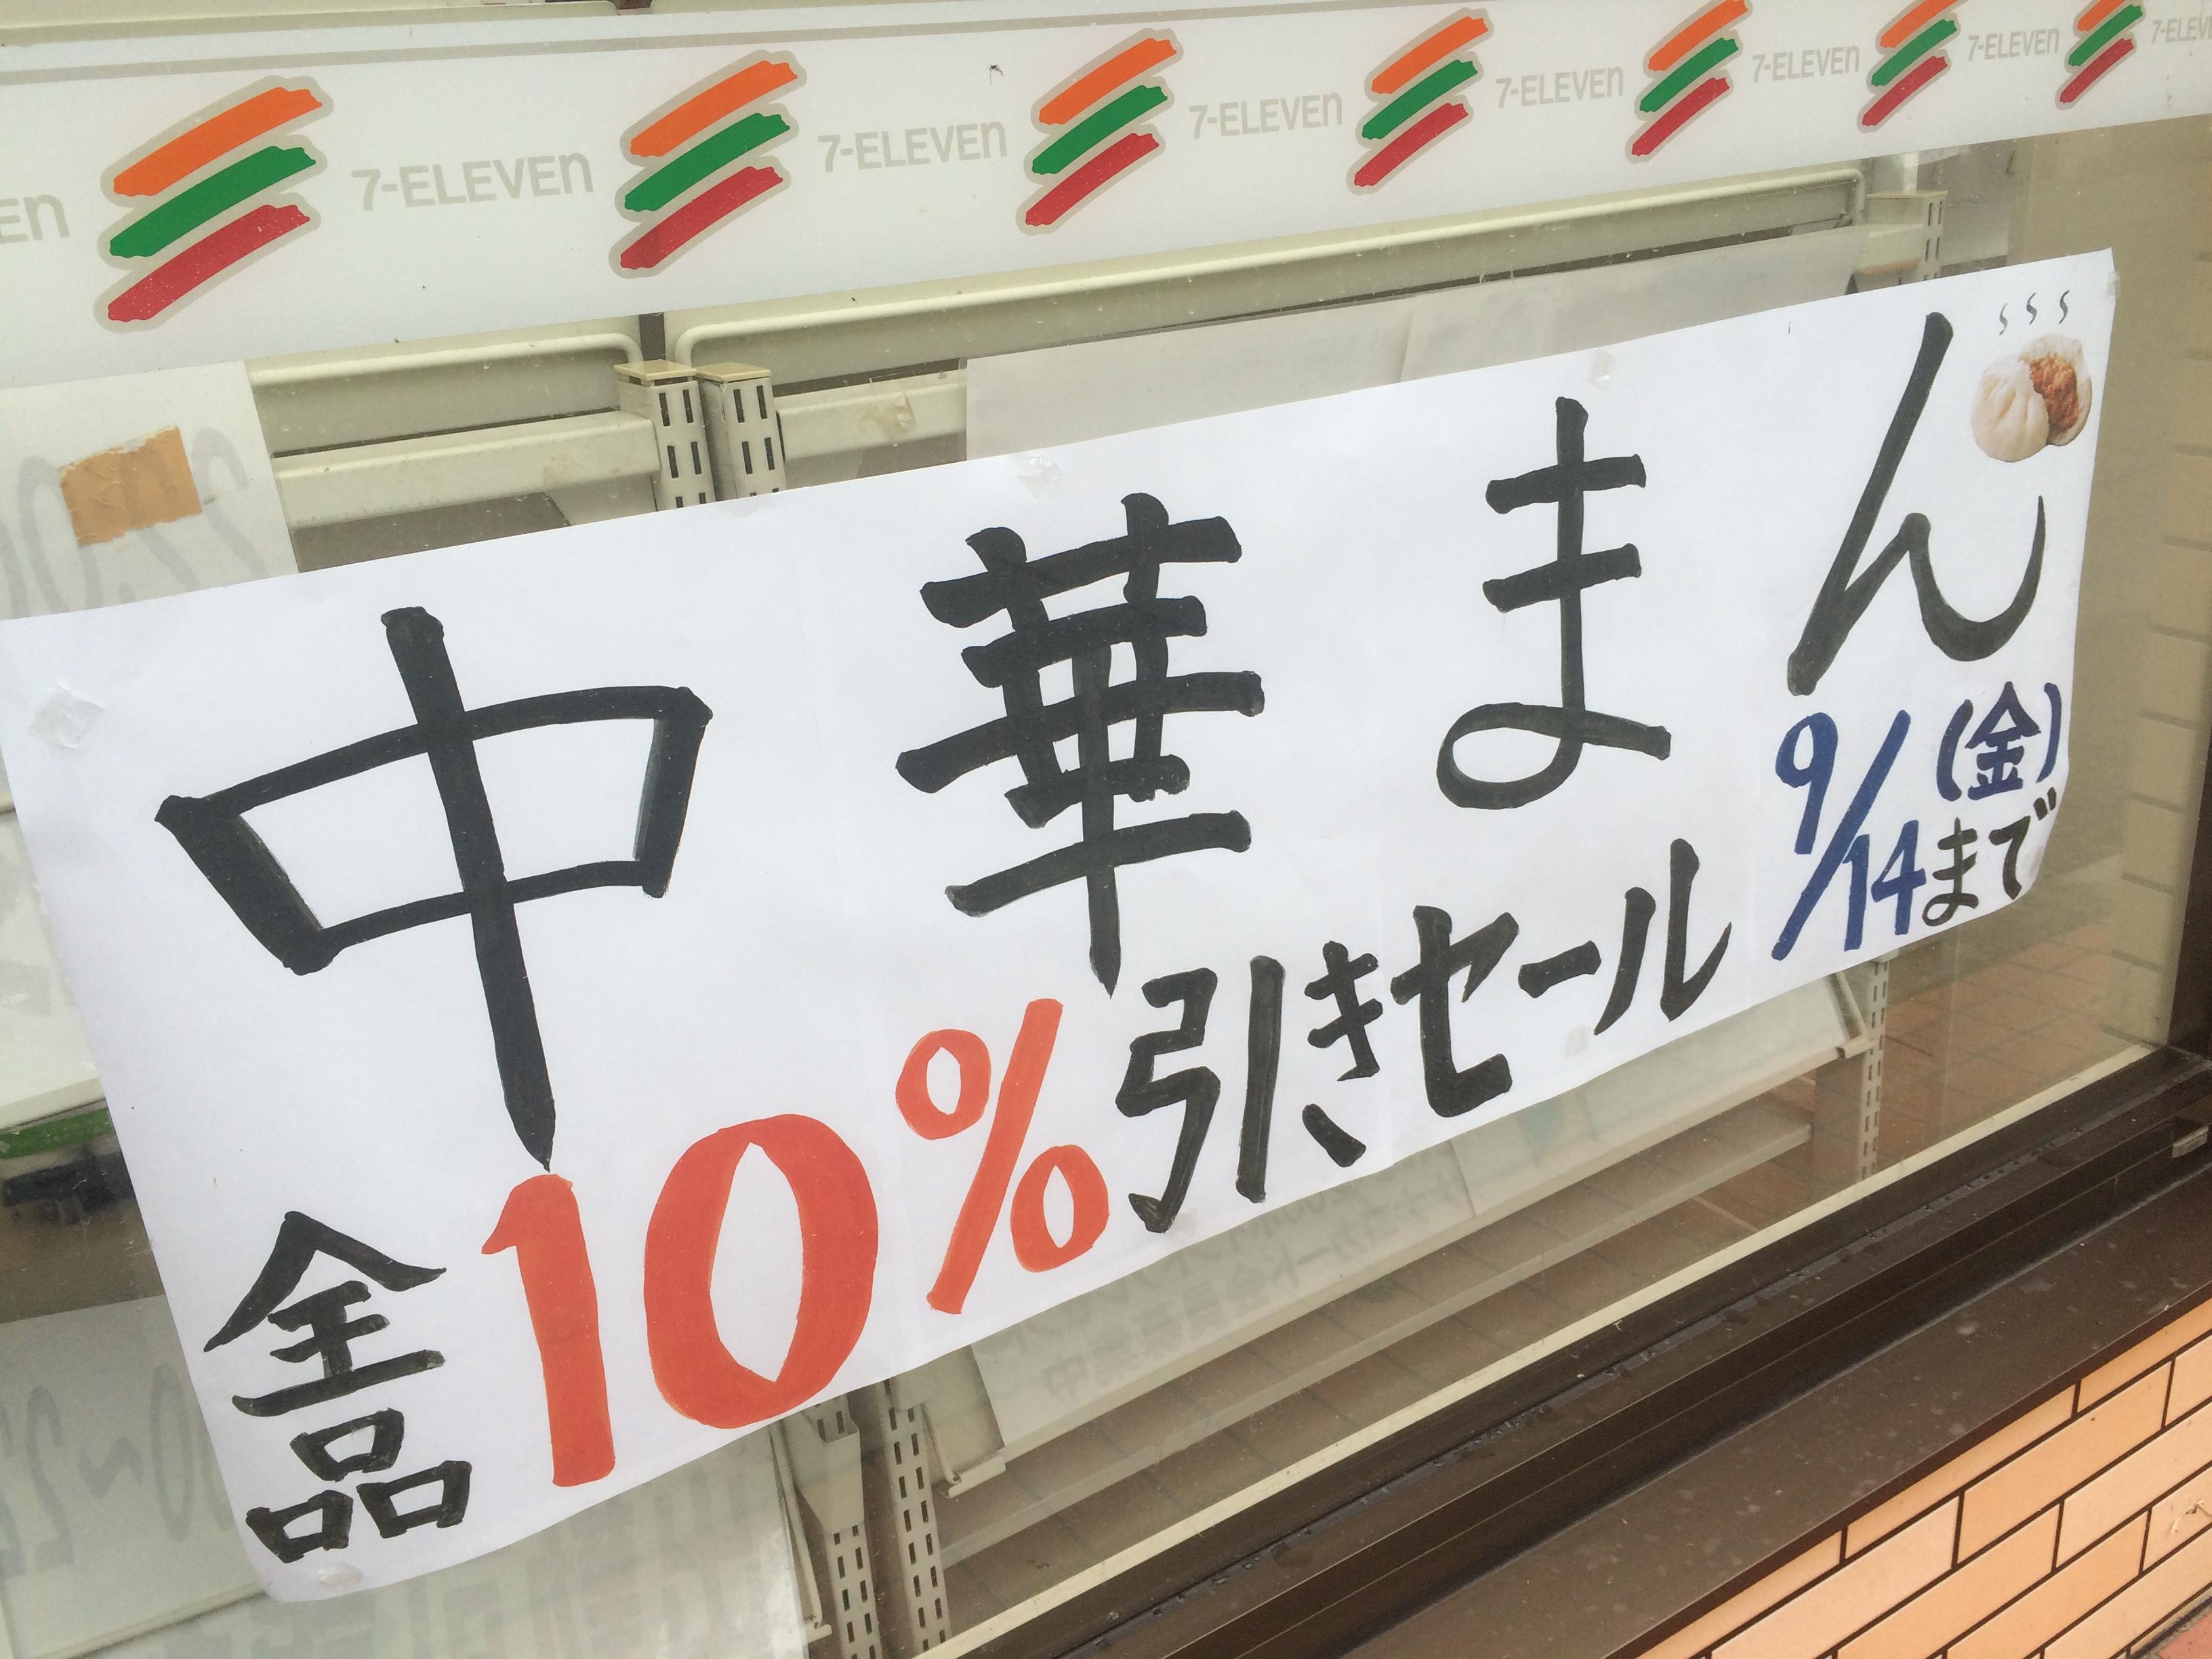 中華まん全品10%引きセール開催中です!!